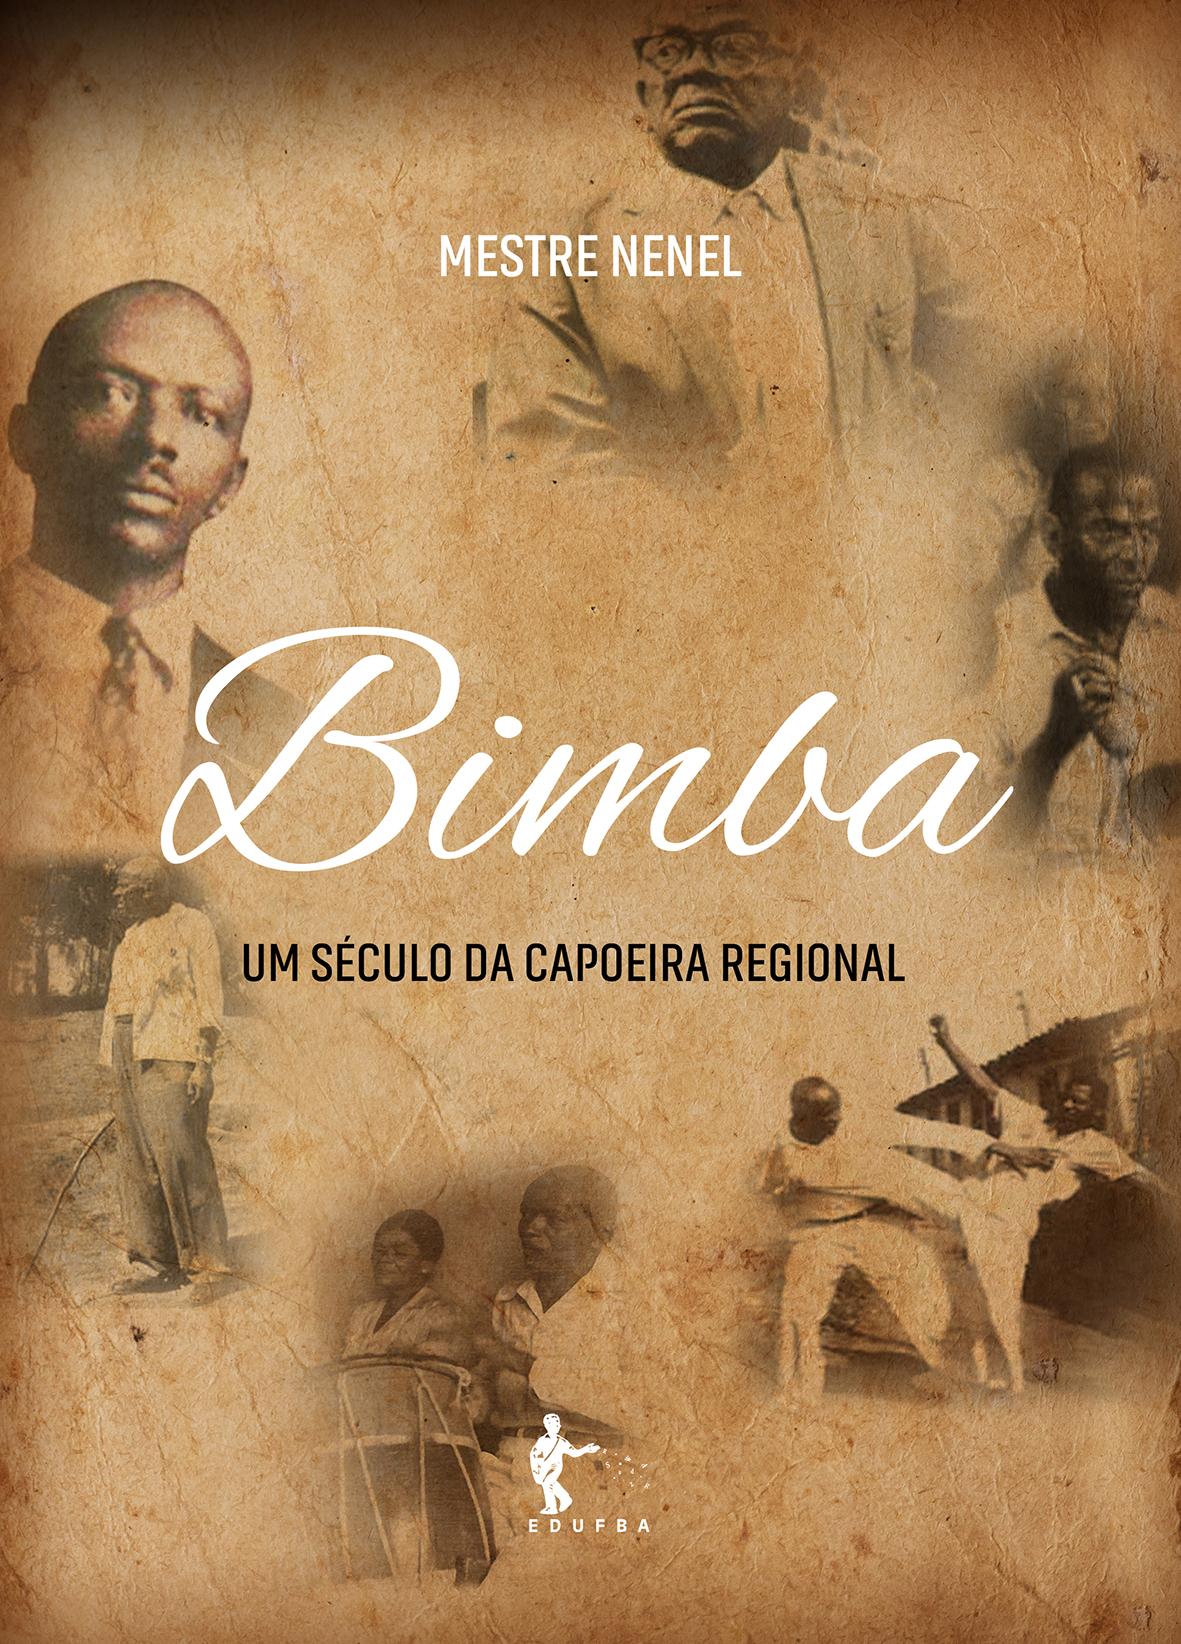 Mestre Bimba: um século da Capoeira Regional, livro de Lia Sfoggia (Org.)